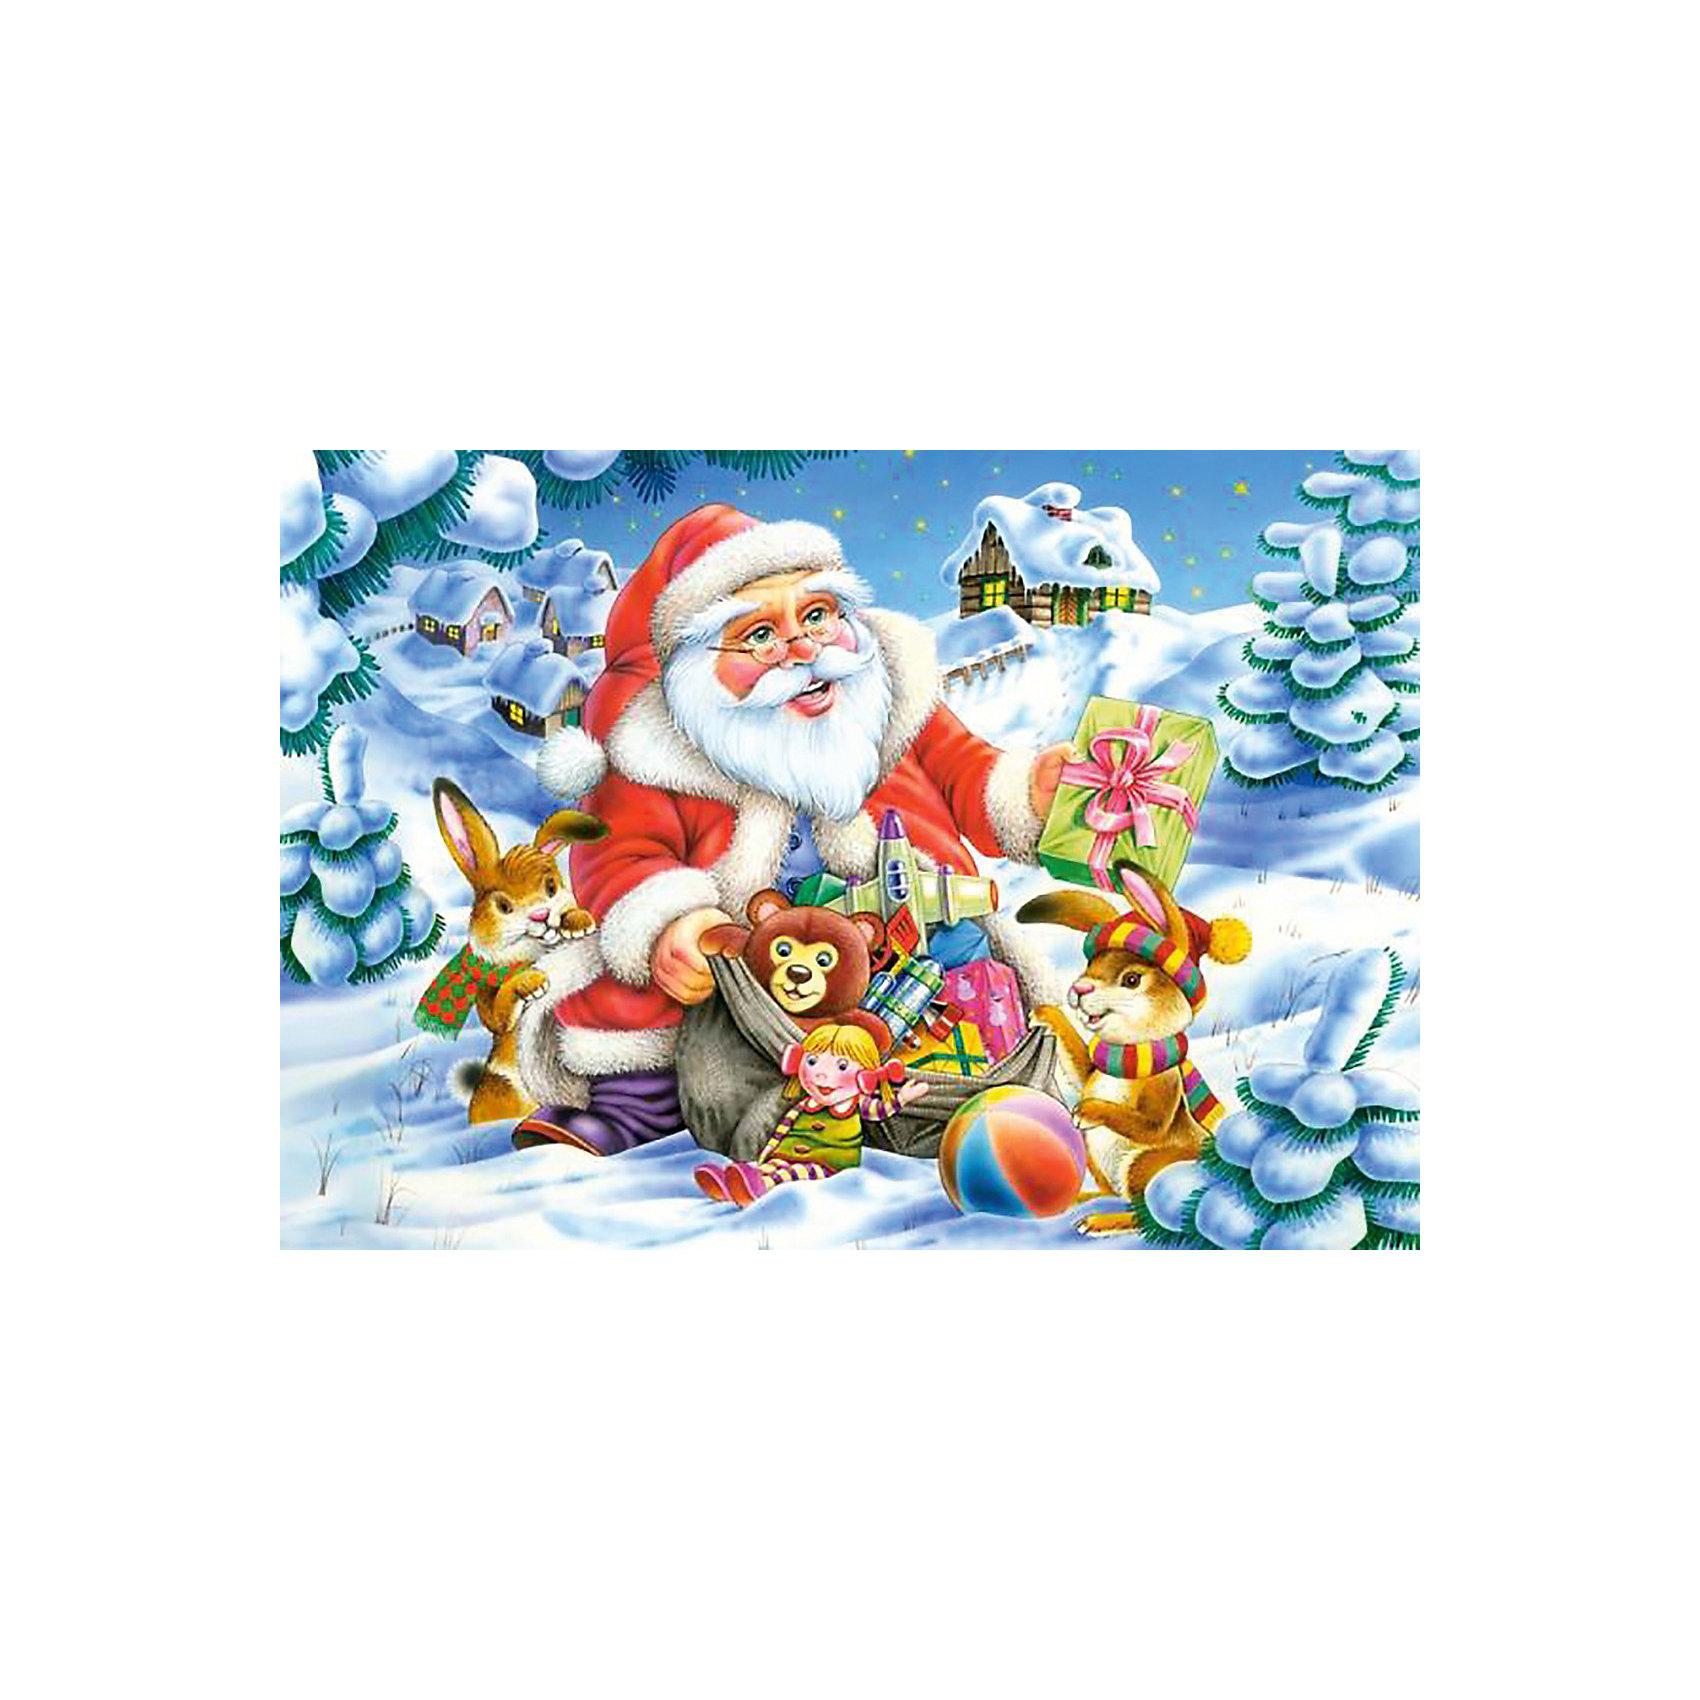 Пазл Санта Клаус, 500 деталей, CastorlandРождественское настроение и атмосферу праздника подарит Вам пазл «Санта Клаус». Ваш ребенок с удовольствием соберет добродушного Санта Клауса с горой  подарков  из 500 маленьких фрагментов прочного качественного картона, плотно соединяющегося между собой. Сборка тематического пазла «Санта Клаус» Castorland (Касторленд) тренирует память, логическое мышление, координацию движений, воображение.<br><br>Дополнительная информация:<br><br>- Прекрасный подарок на Новый Год;<br>- Уникальное качество деталей;<br>- Размер упаковки: 22 х 4,7 х 32 см;<br>- Размеры готового пазла: 47 х 33 см;<br>- Вес: 300 г<br><br>Пазл «Санта Клаус» 500 деталей, Castorland (Касторленд) можно купить в нашем интернет-магазине.<br><br>Ширина мм: 320<br>Глубина мм: 47<br>Высота мм: 220<br>Вес г: 300<br>Возраст от месяцев: 72<br>Возраст до месяцев: 1188<br>Пол: Унисекс<br>Возраст: Детский<br>Количество деталей: 500<br>SKU: 3849134